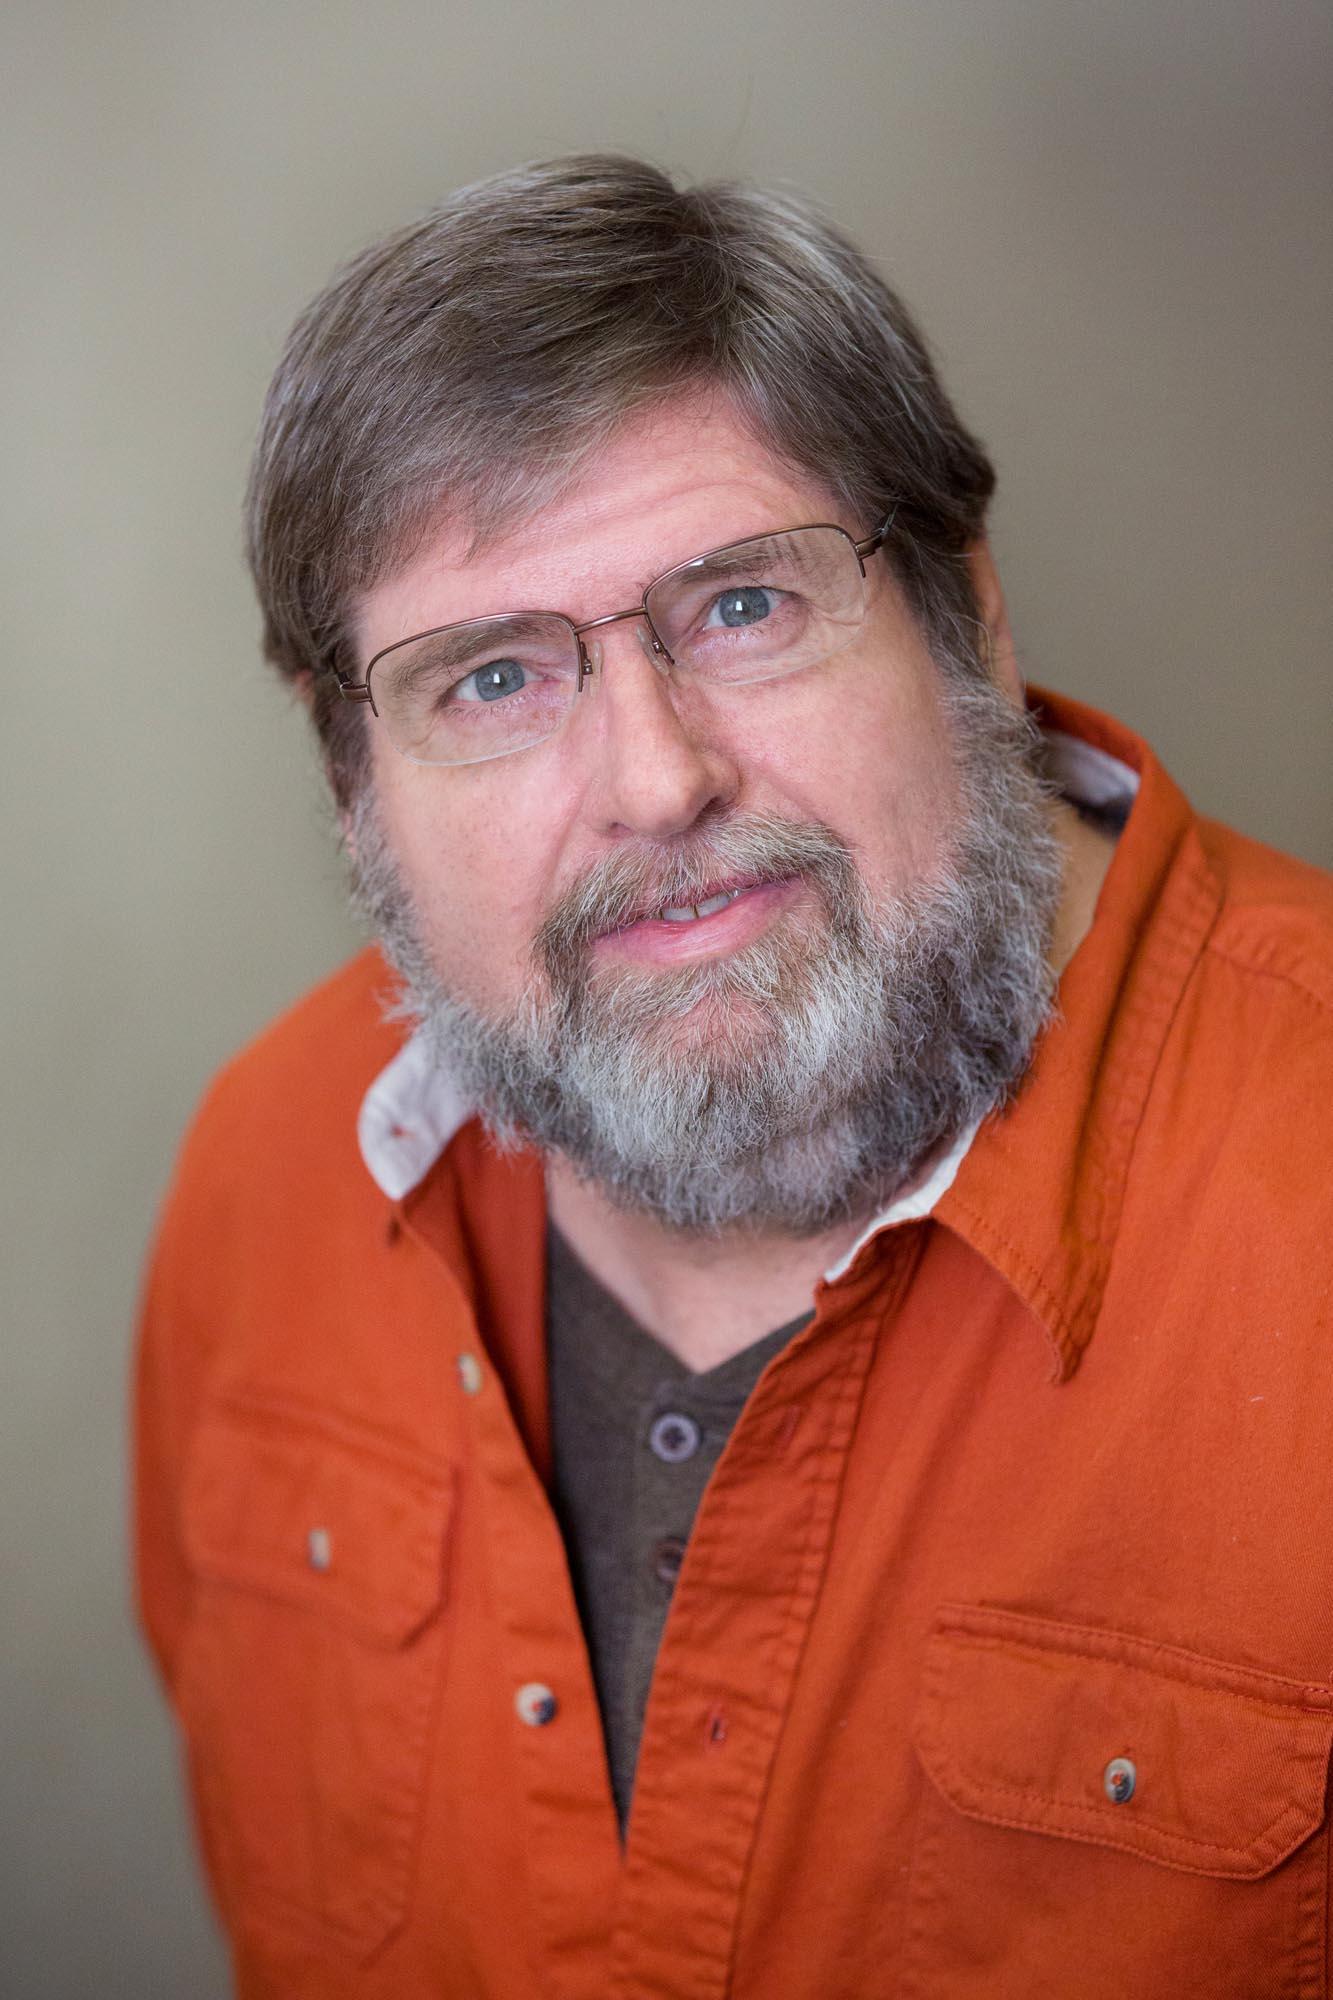 Glenn Puder